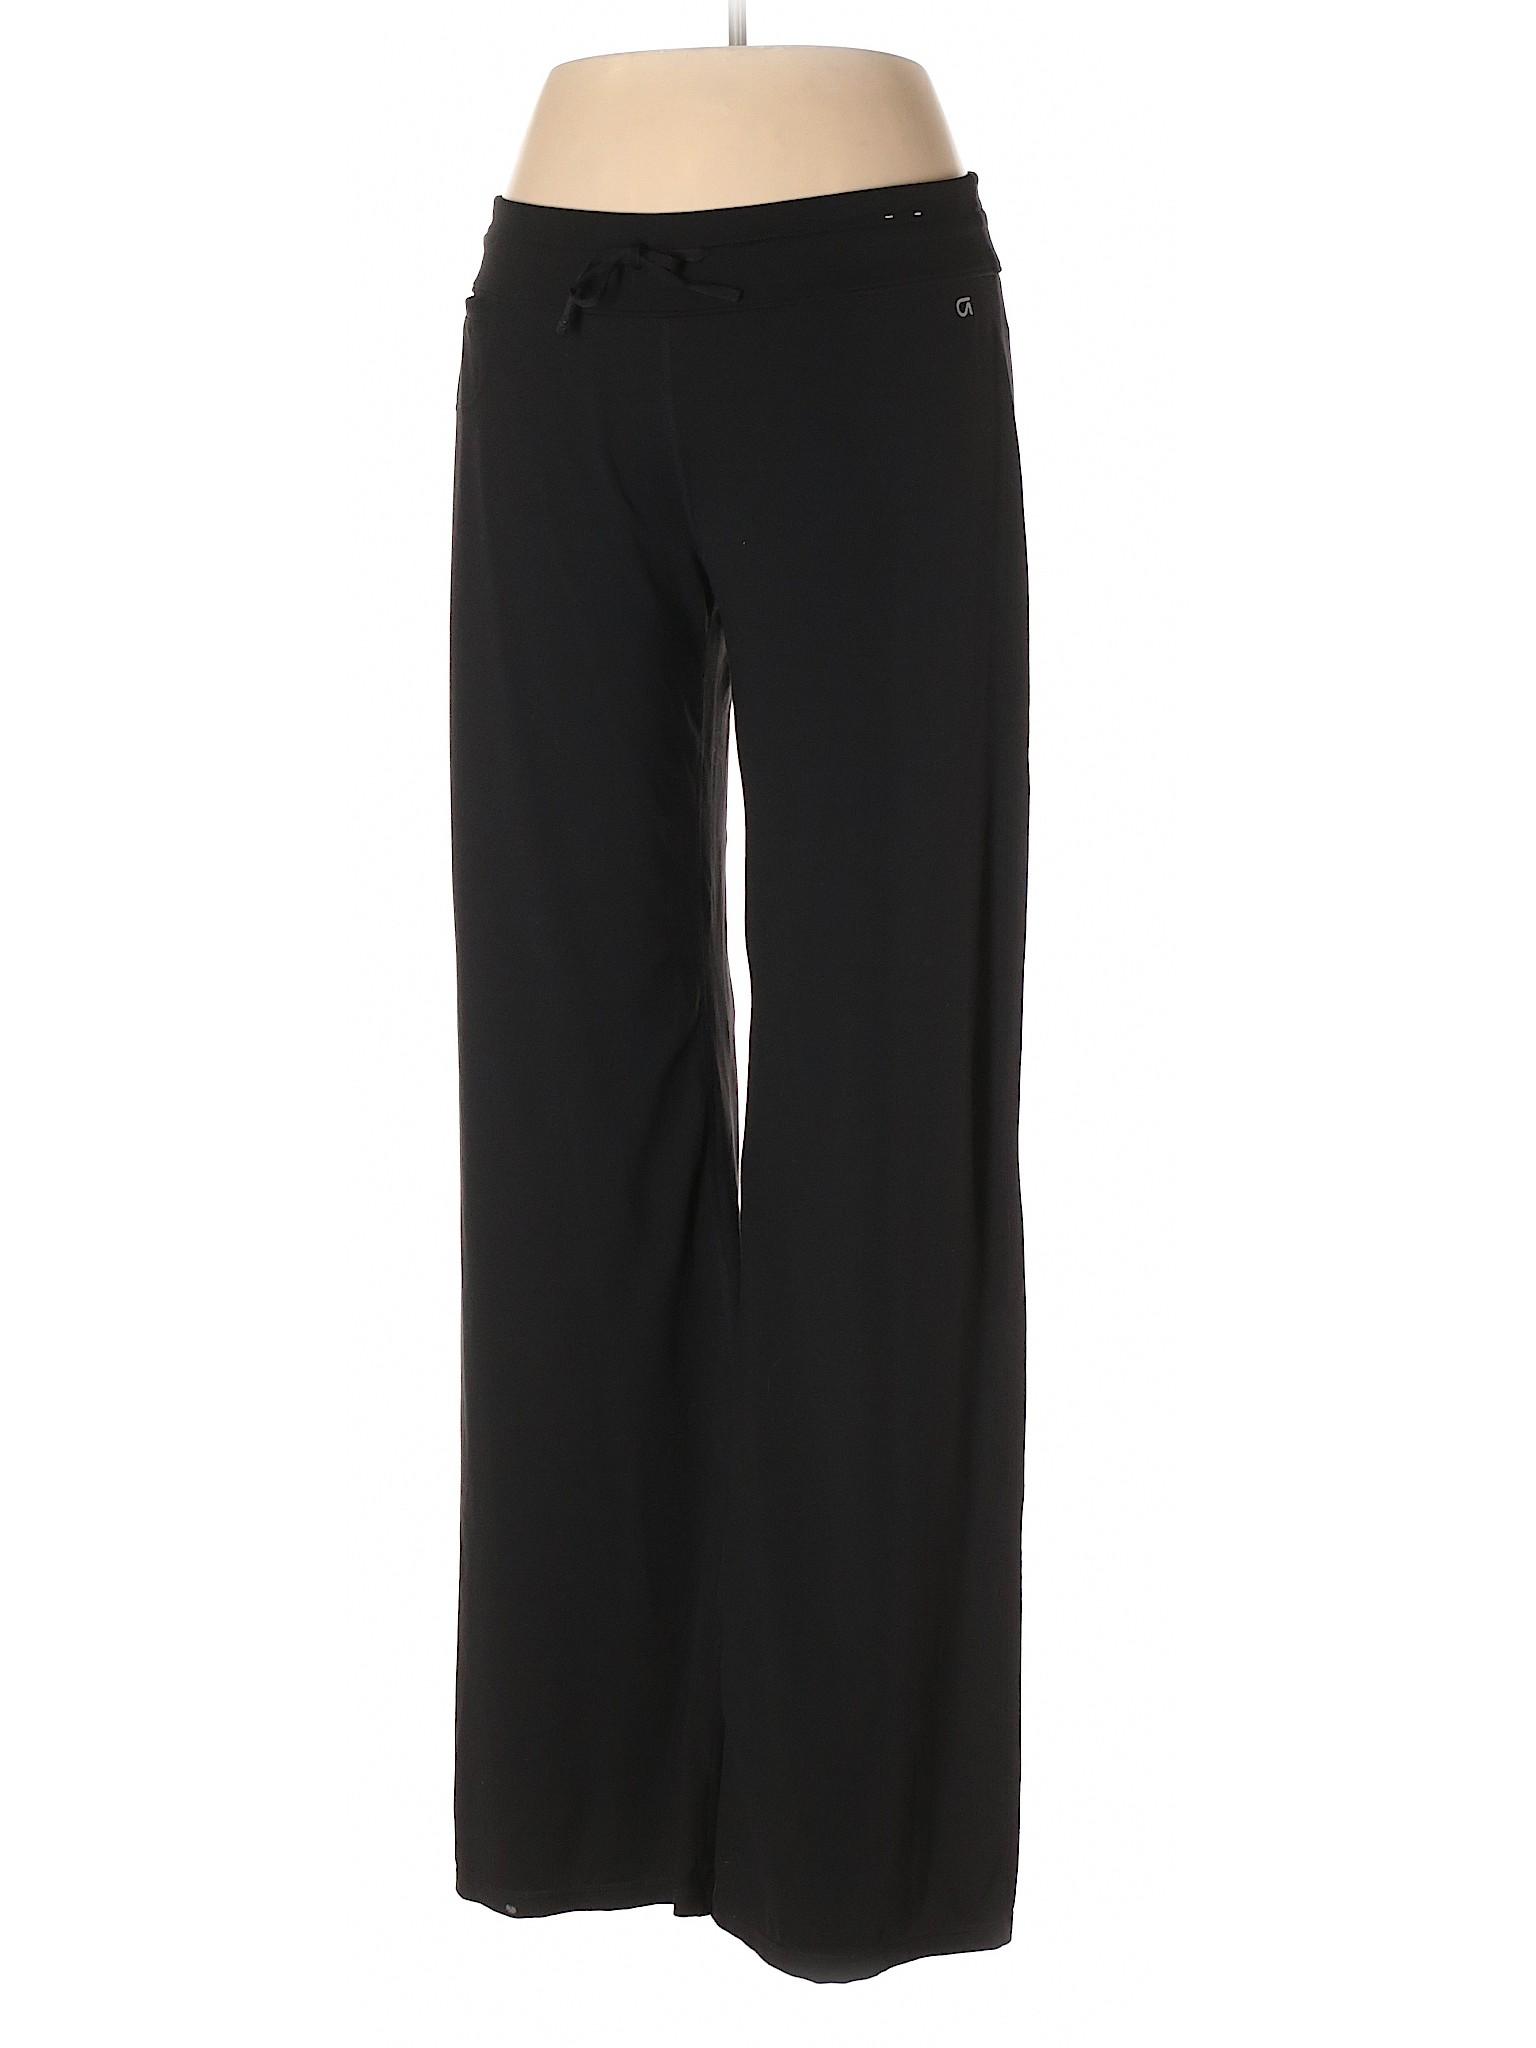 Gap Boutique winter Fit Active Pants p5AvwZOq5